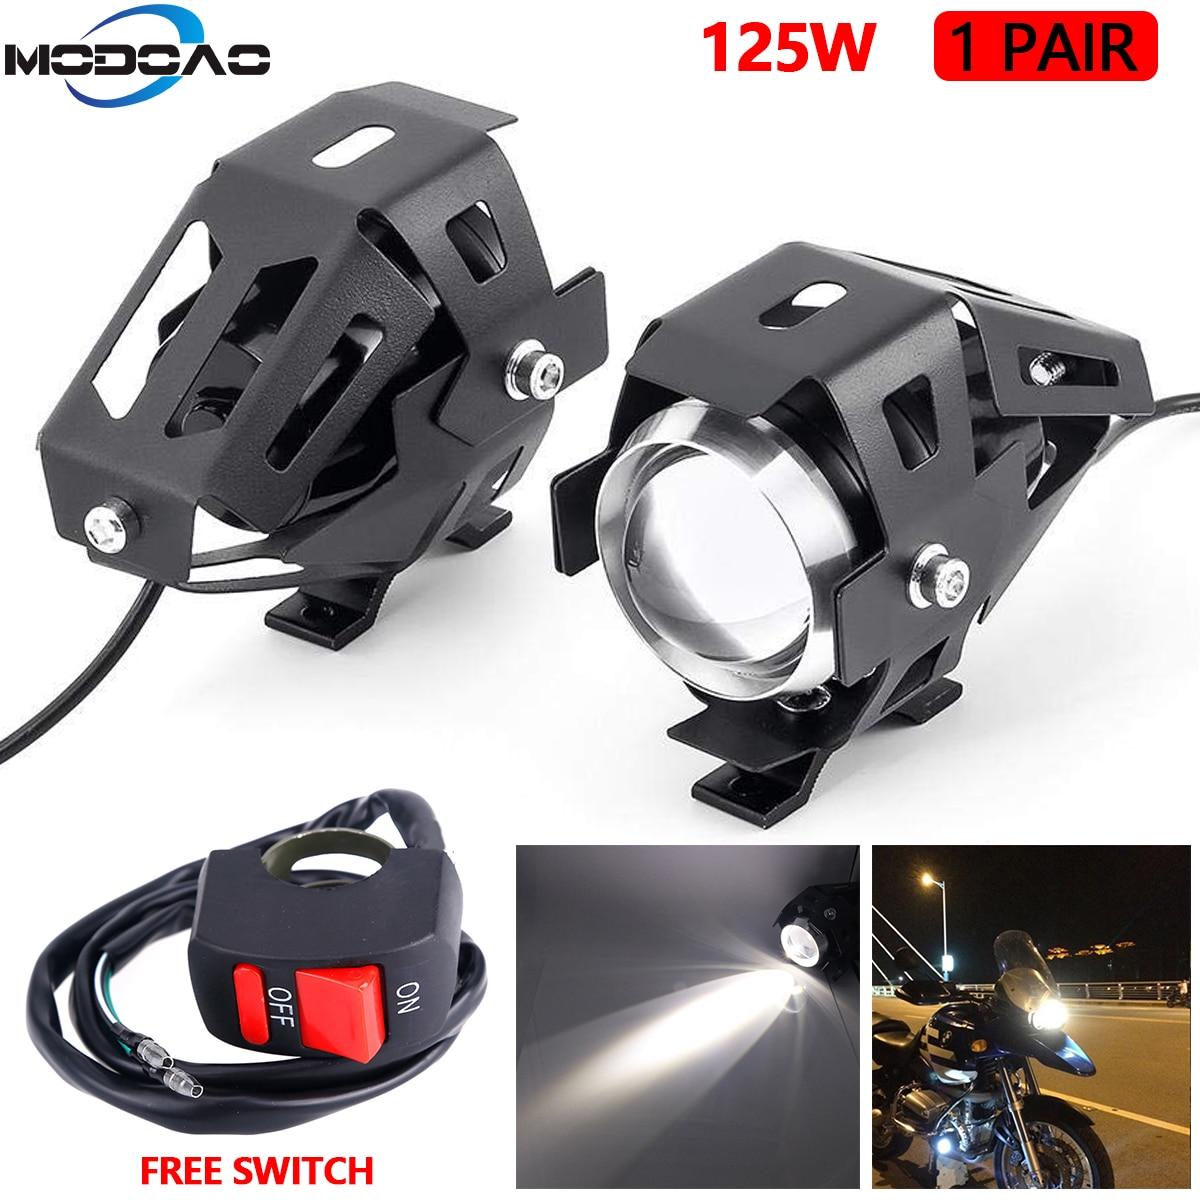 Faróis de led para motocicleta u5, 2 peças, 125w, universal, luz branca auxiliar, acessórios para moto, drl